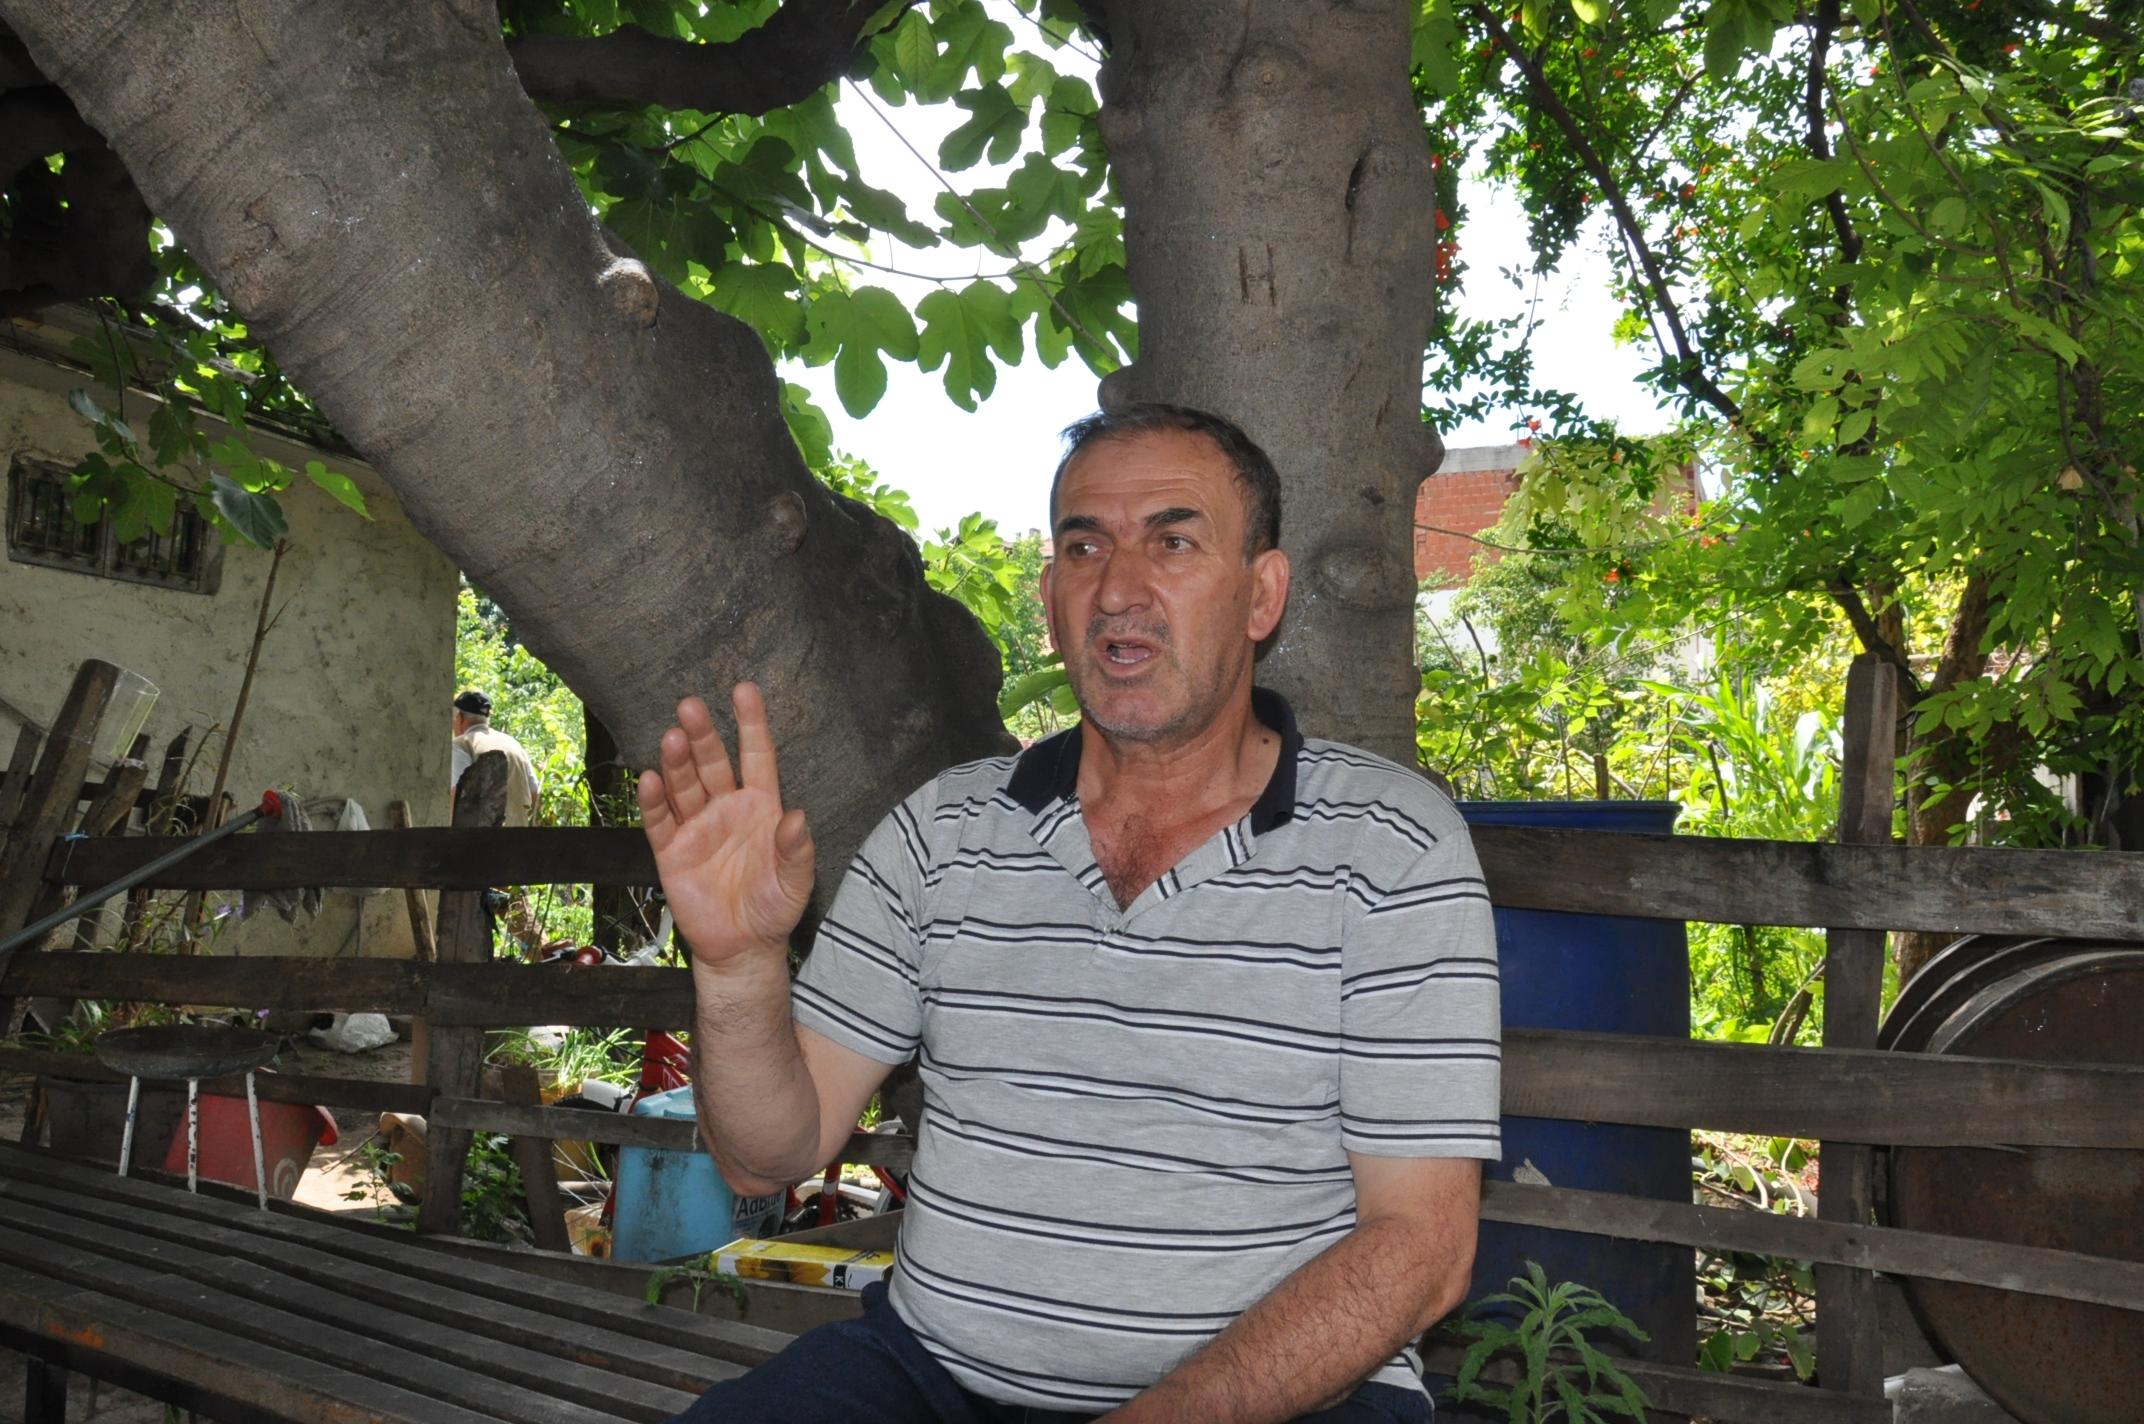 Mehmet Yçldçrçm